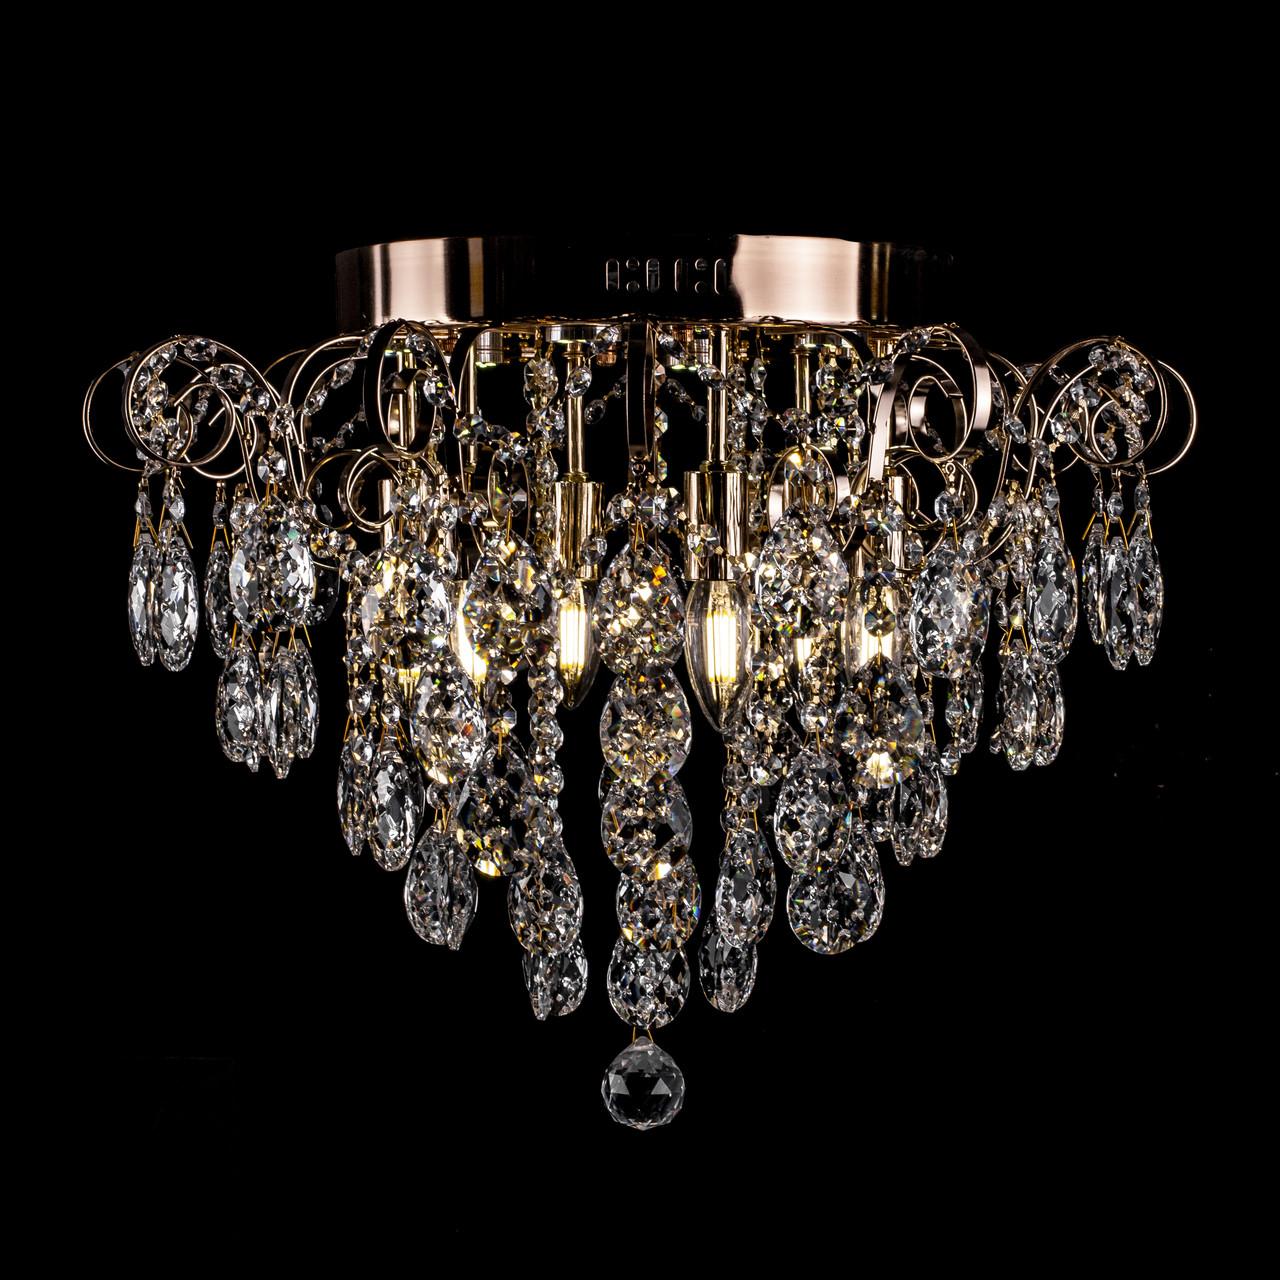 Хрустальная люстра СветМира на 6 лампочек с LED подсветкой на пульте д/у (золото) PM-2247/6+6/LED